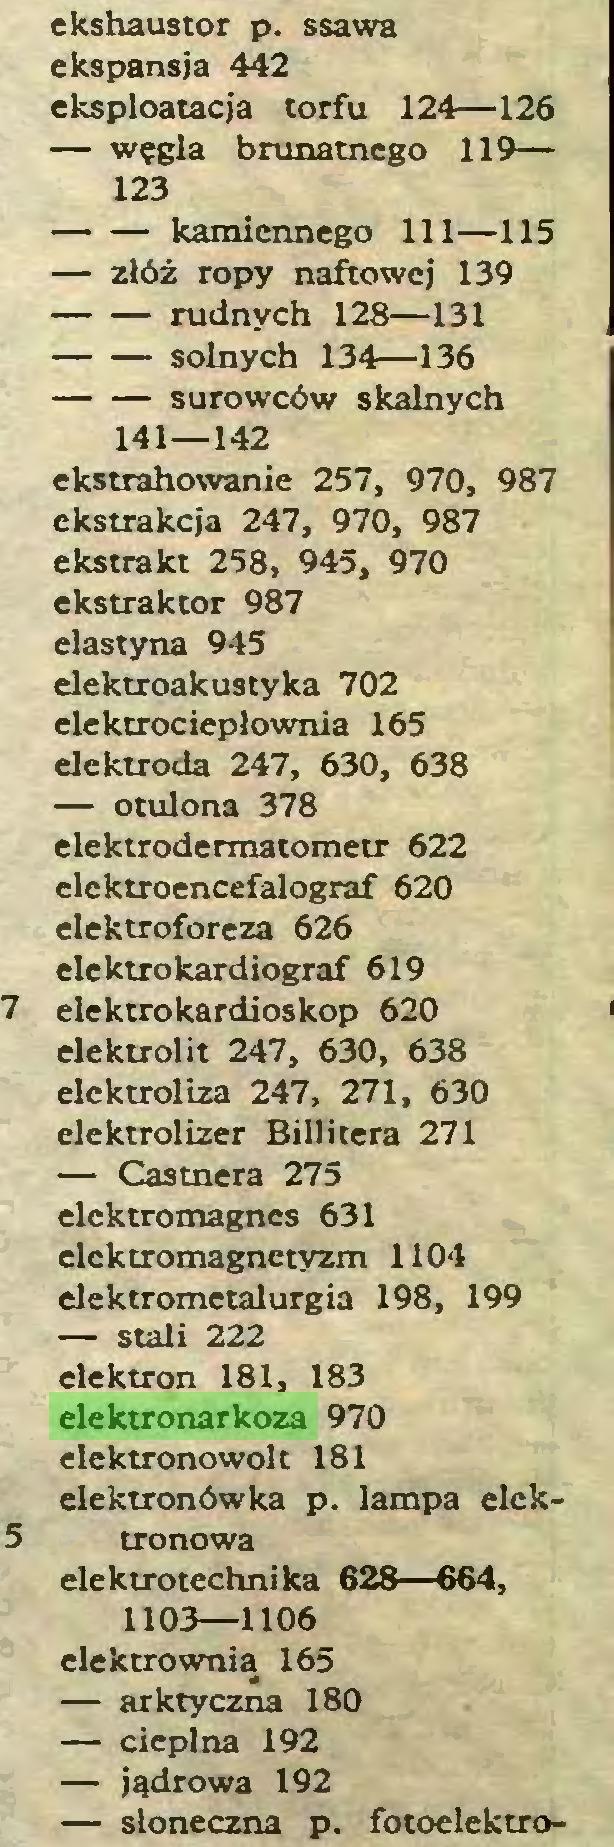 (...) ekshaustor p. ssawa ekspansja 442 eksploatacja torfu 124—126 — węgla brunatnego 119— 123 kamiennego 111—115 — złóż ropy naftowej 139 rudnych 128—131 solnych 134—136 surowców skalnych 141—142 ekstrahowanie 257, 970, 987 ekstrakcja 247, 970, 987 ekstrakt 258, 945, 970 ekstrakcor 987 elastyna 945 elektroakustyka 702 elektrociepłownia 165 elektroda 247, 630, 638 — otulona 378 elektrodermatometr 622 elektroencefalograf 620 elektroforeza 626 elektrokardiograf 619 elektrokardioskop 620 elektrolit 247, 630, 638 elektroliza 247, 271, 630 elektrolizer Billitera 271 — Castnera 275 elektromagnes 631 elektromagnetyzm 1104 elektrometalurgia 198, 199 — stali 222 elektron 181, 183 elektronarkoza 970 elektronowolt 181 elektronówka p. lampa elektronowa elektrotechnika 628—664, 1103—1106 elektrownią 165 — arktyczna 180 — cieplna 192 — jądrowa 192 — słoneczna p. fotoelektro...